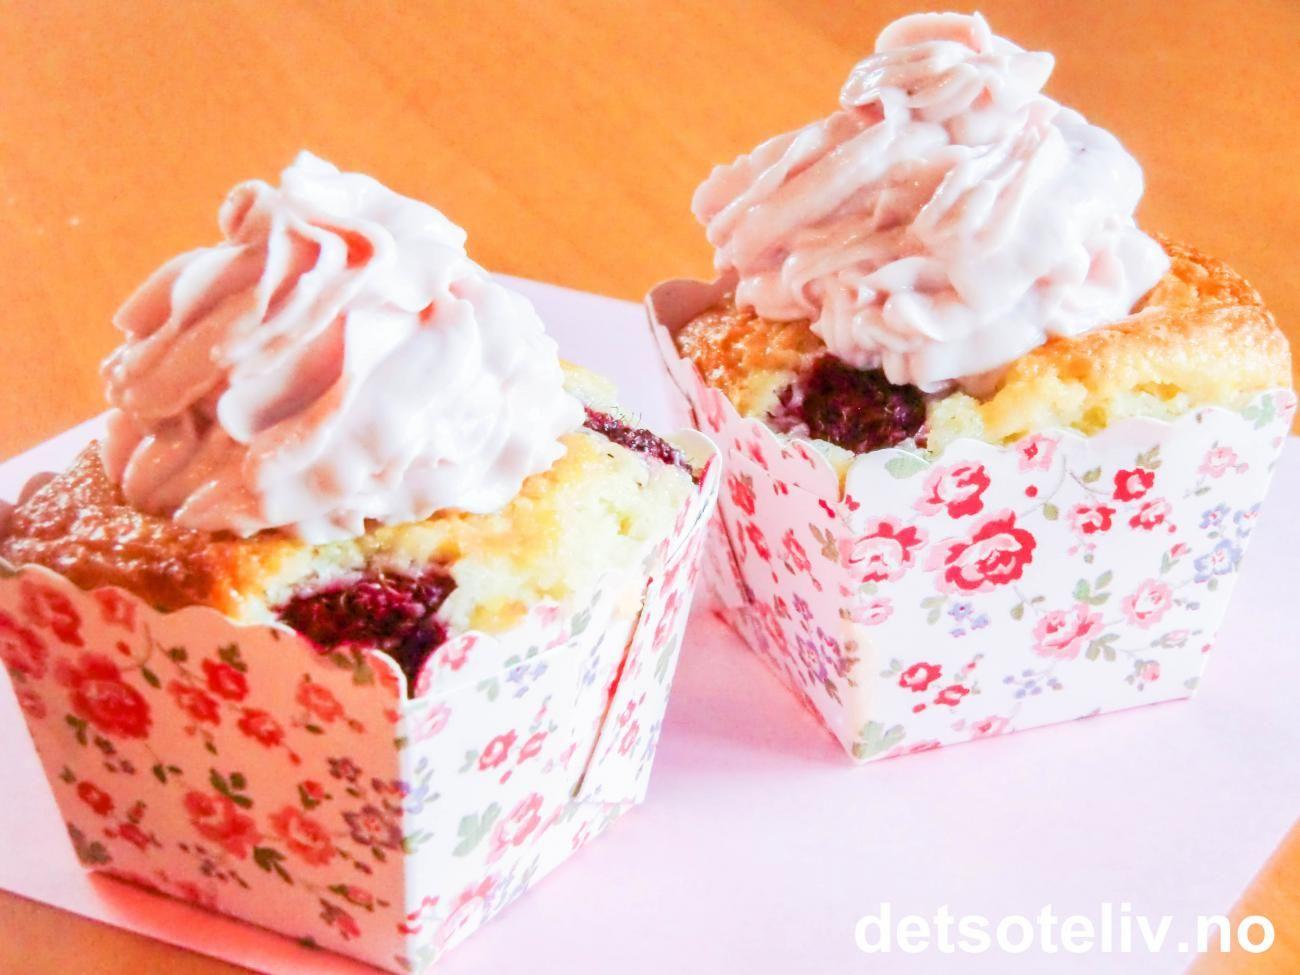 Fettfrie cupcakes   Det søte liv